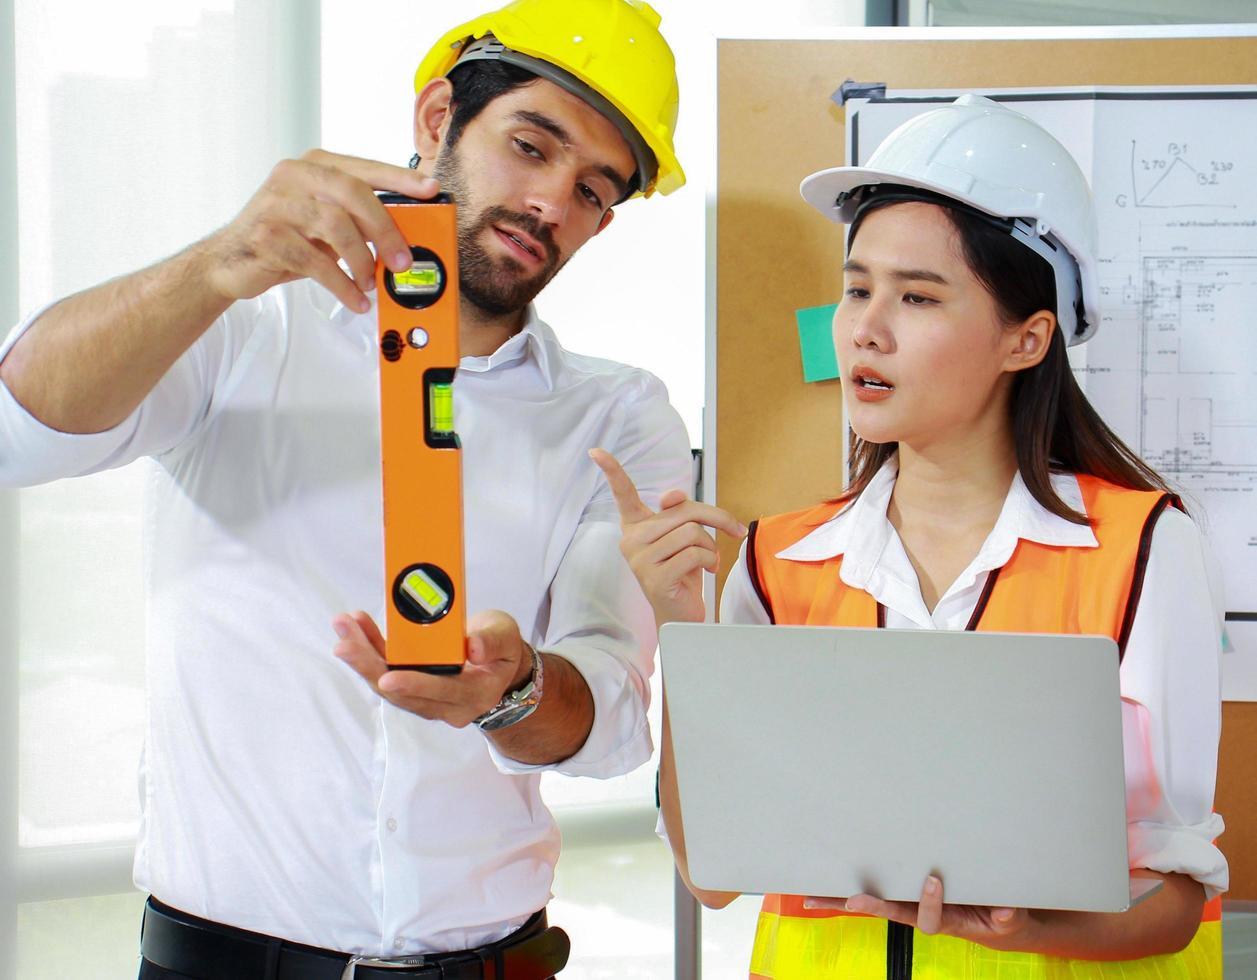 Los ingenieros discuten el proyecto mientras sostienen una computadora portátil. foto